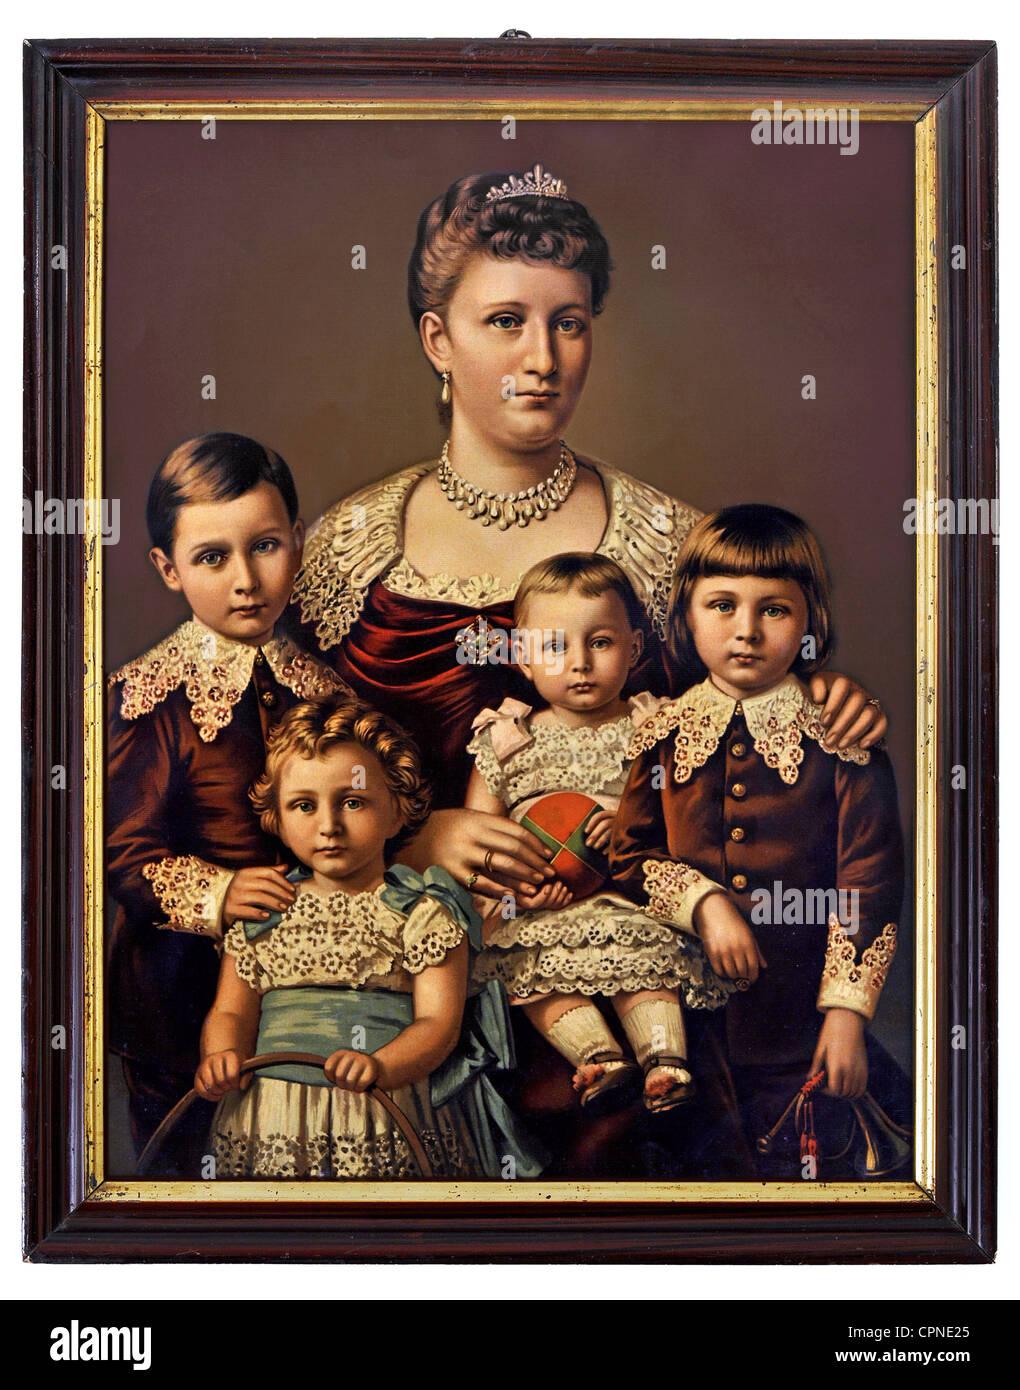 Emperatriz Auguste Viktoria (1858 - 1921), esposa del emperador Guillermo II, de media longitud, con cuatro de sus siete hijos, de izquierda a derecha: Príncipe heredero Guillermo (1882 - 1951), príncipe Joachim (1890 - 1920), princesa Viktoria-Luise (1892 - 1980), príncipe August Wilhelm (1887 - 1949), Alemania, 1893, Foto de stock